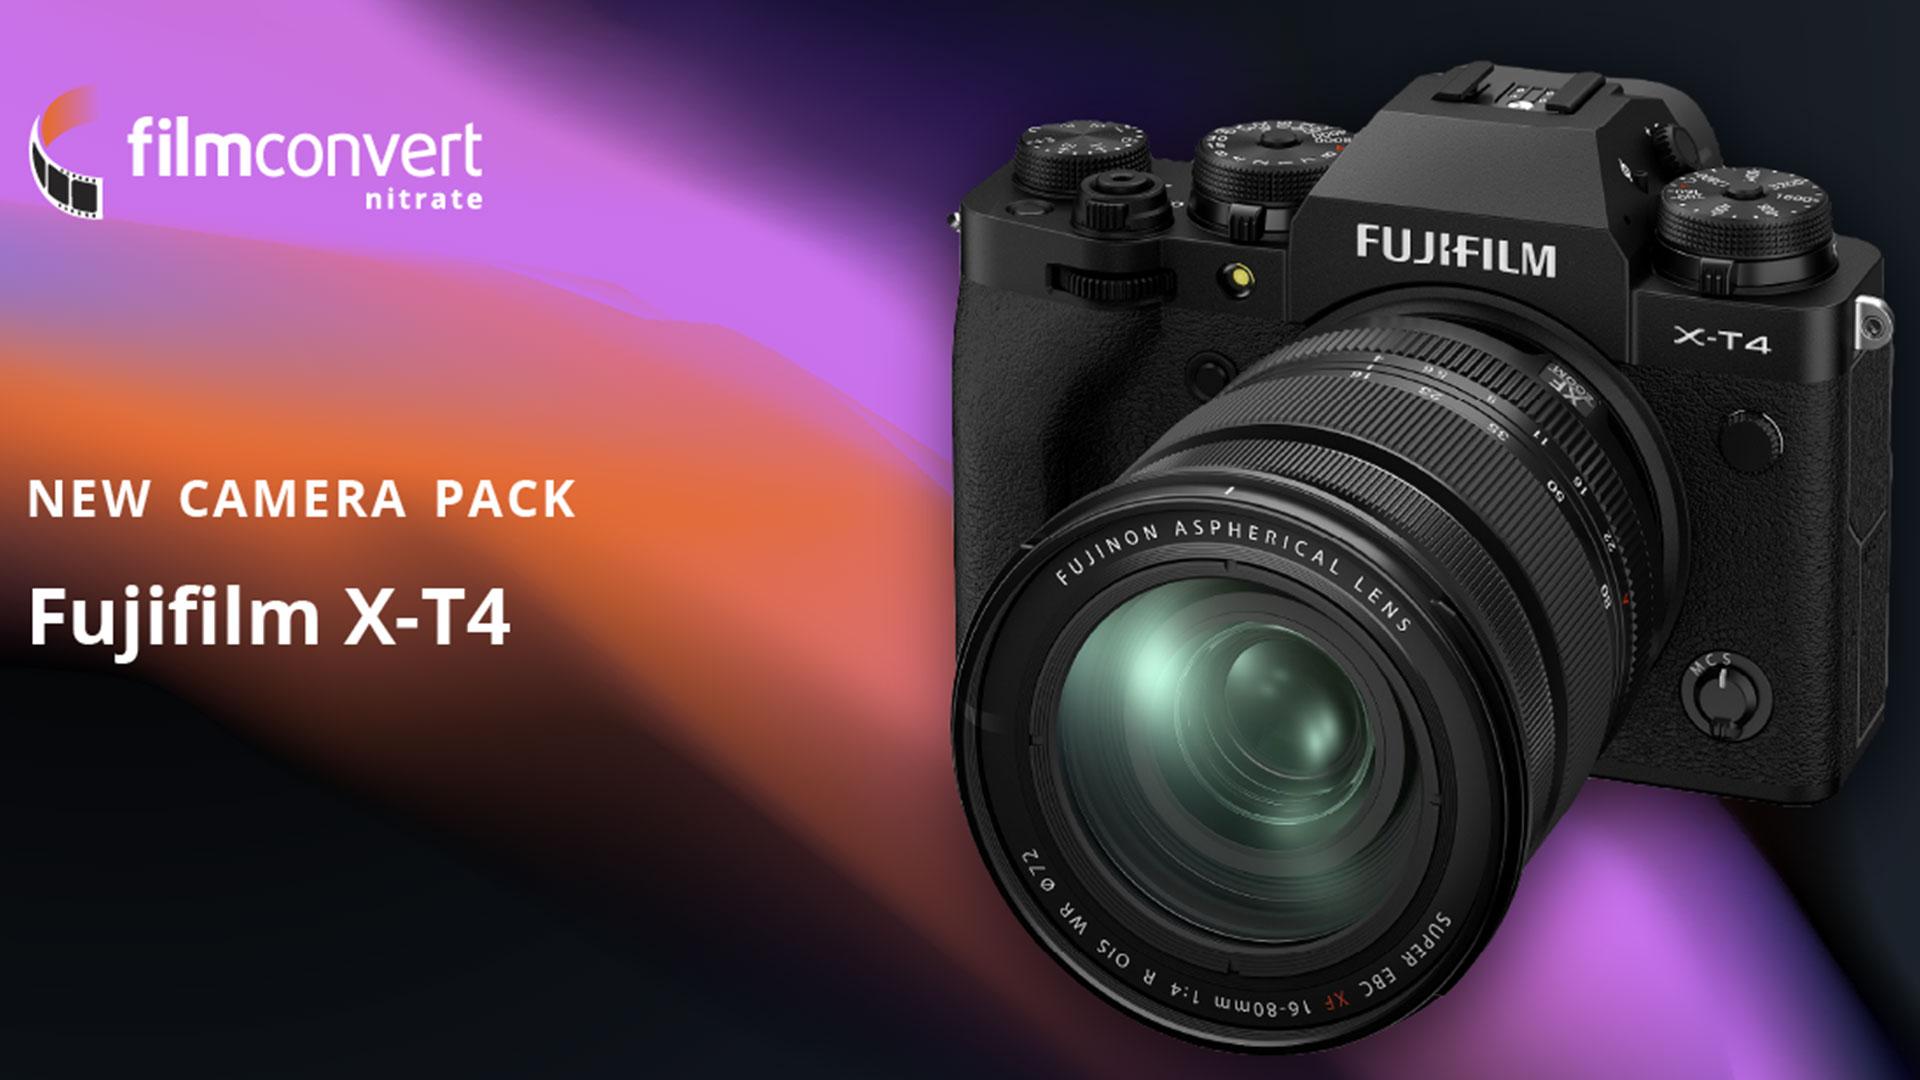 Ya está disponible el paquete de cámara de FilmConvert para la FUJIFILM X-T4